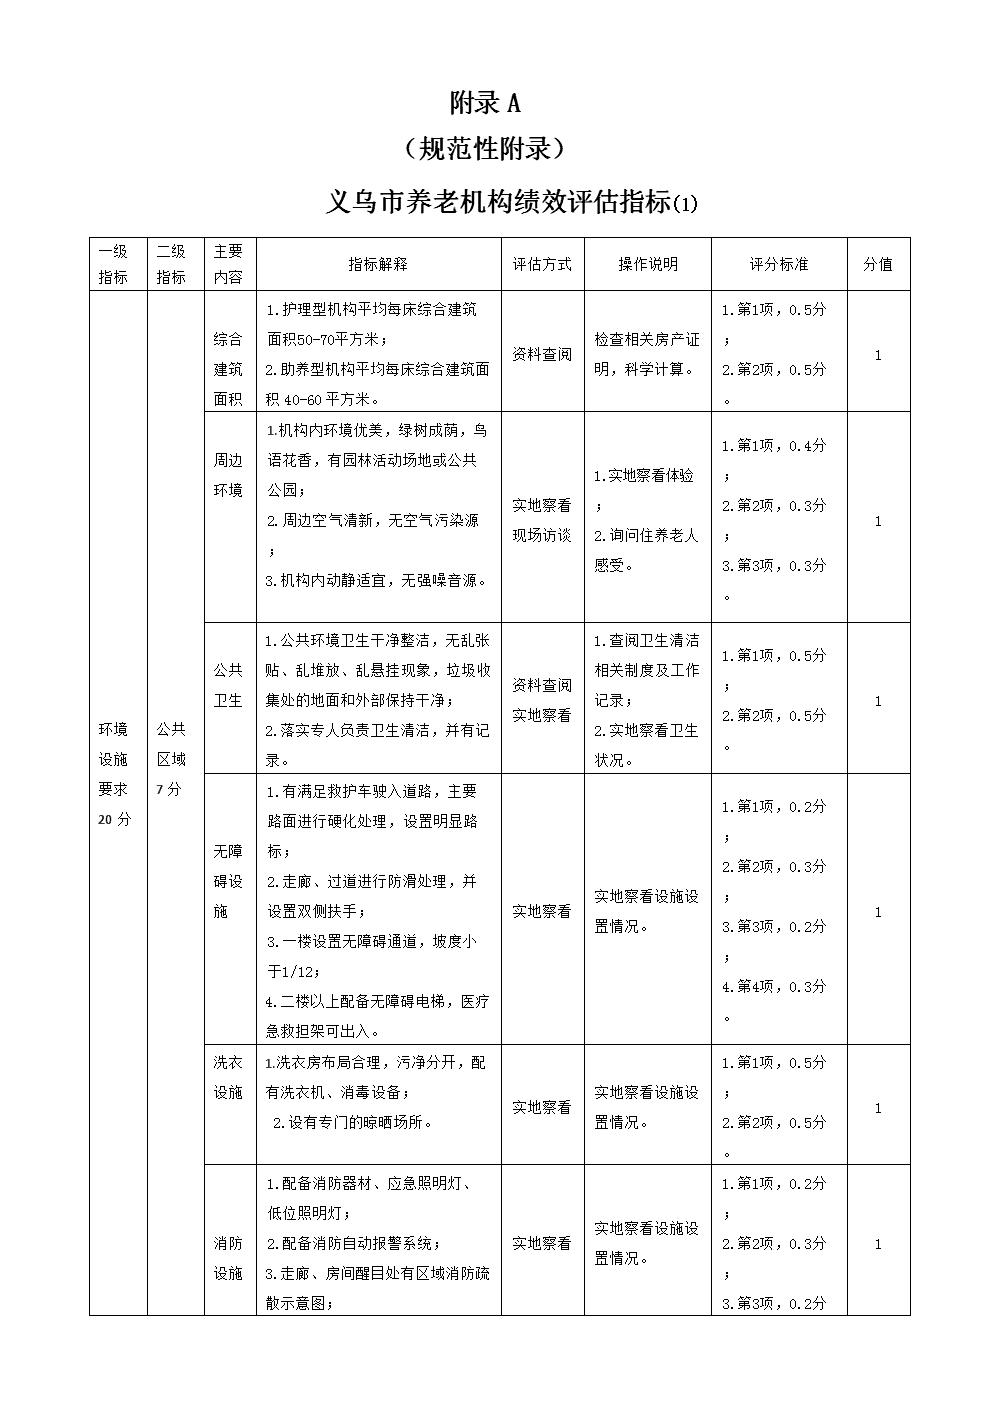 附录A--义乌市养老机构绩效评估指标(1).doc